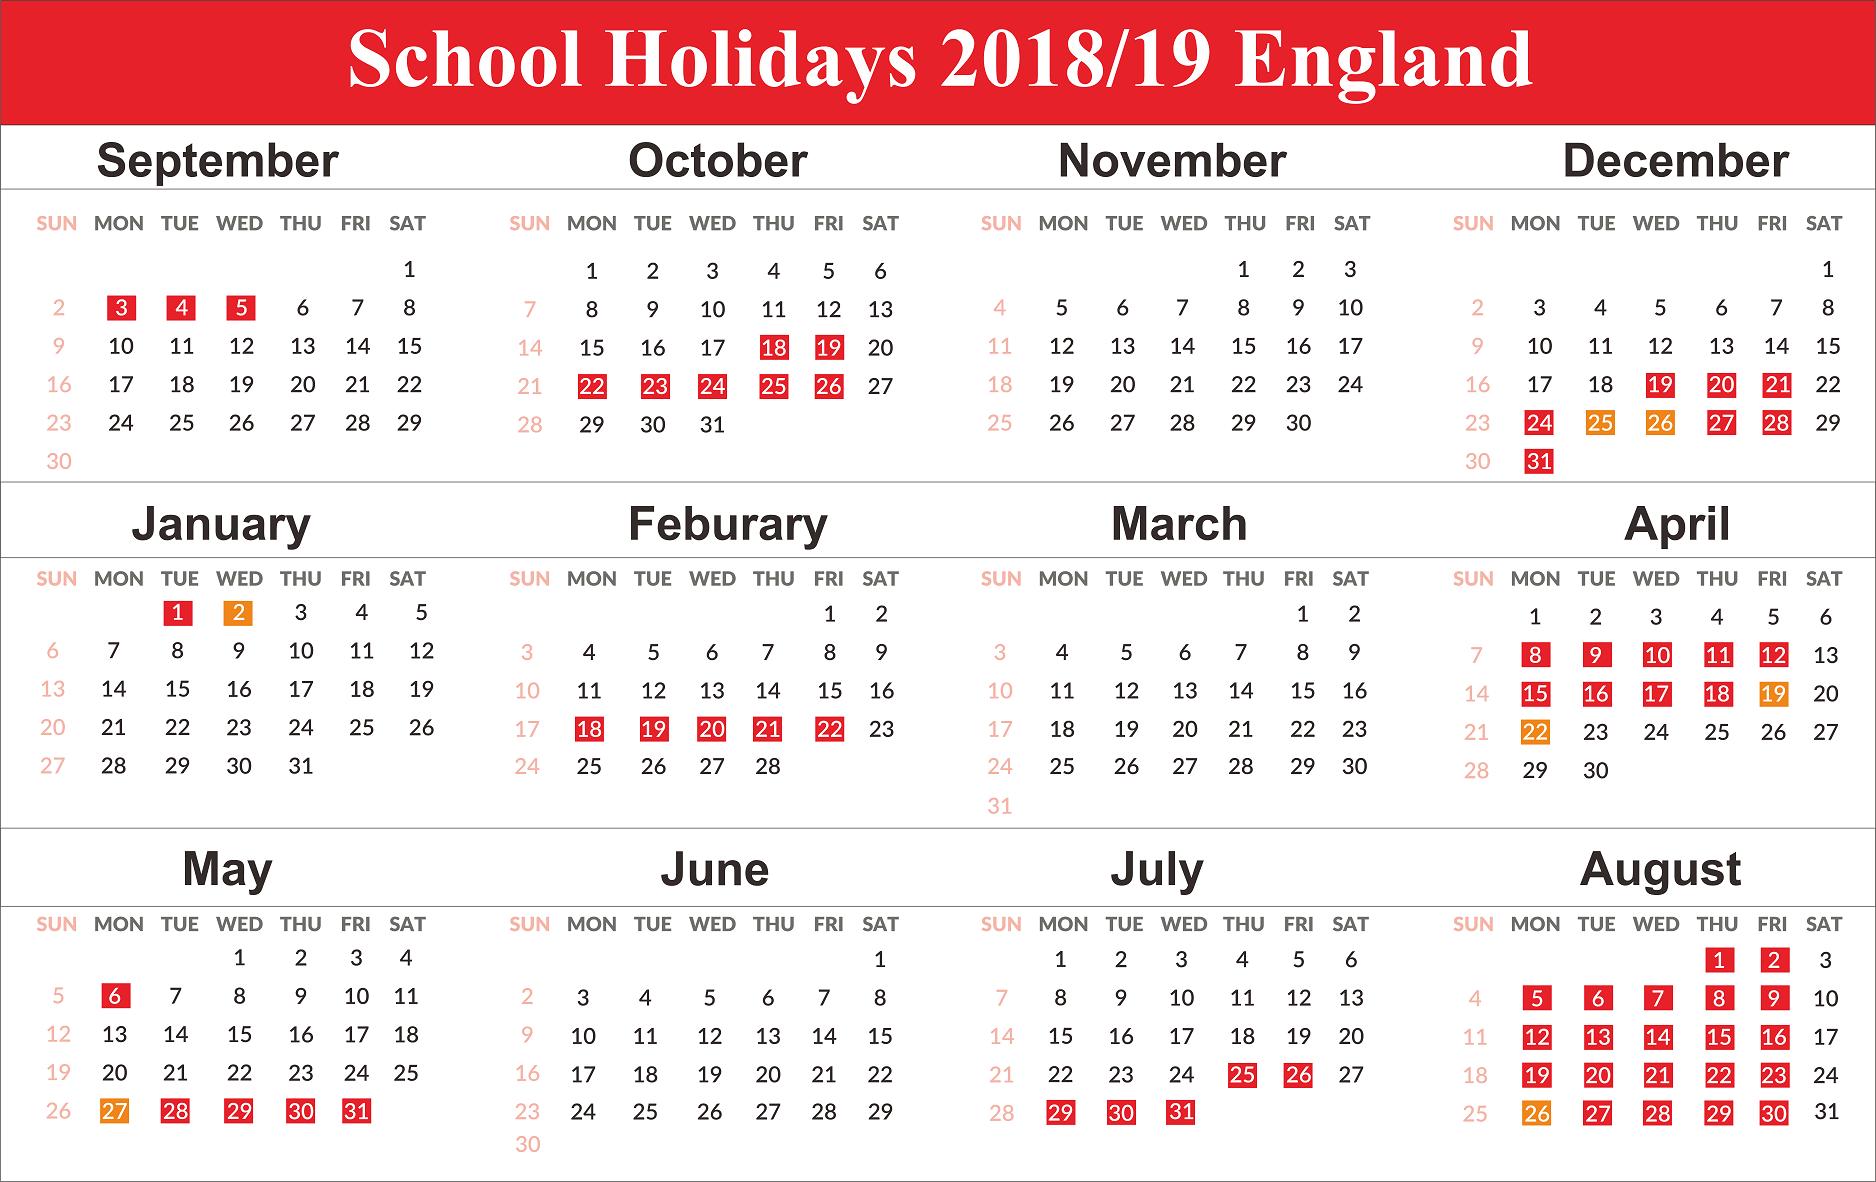 England School Holidays 2019